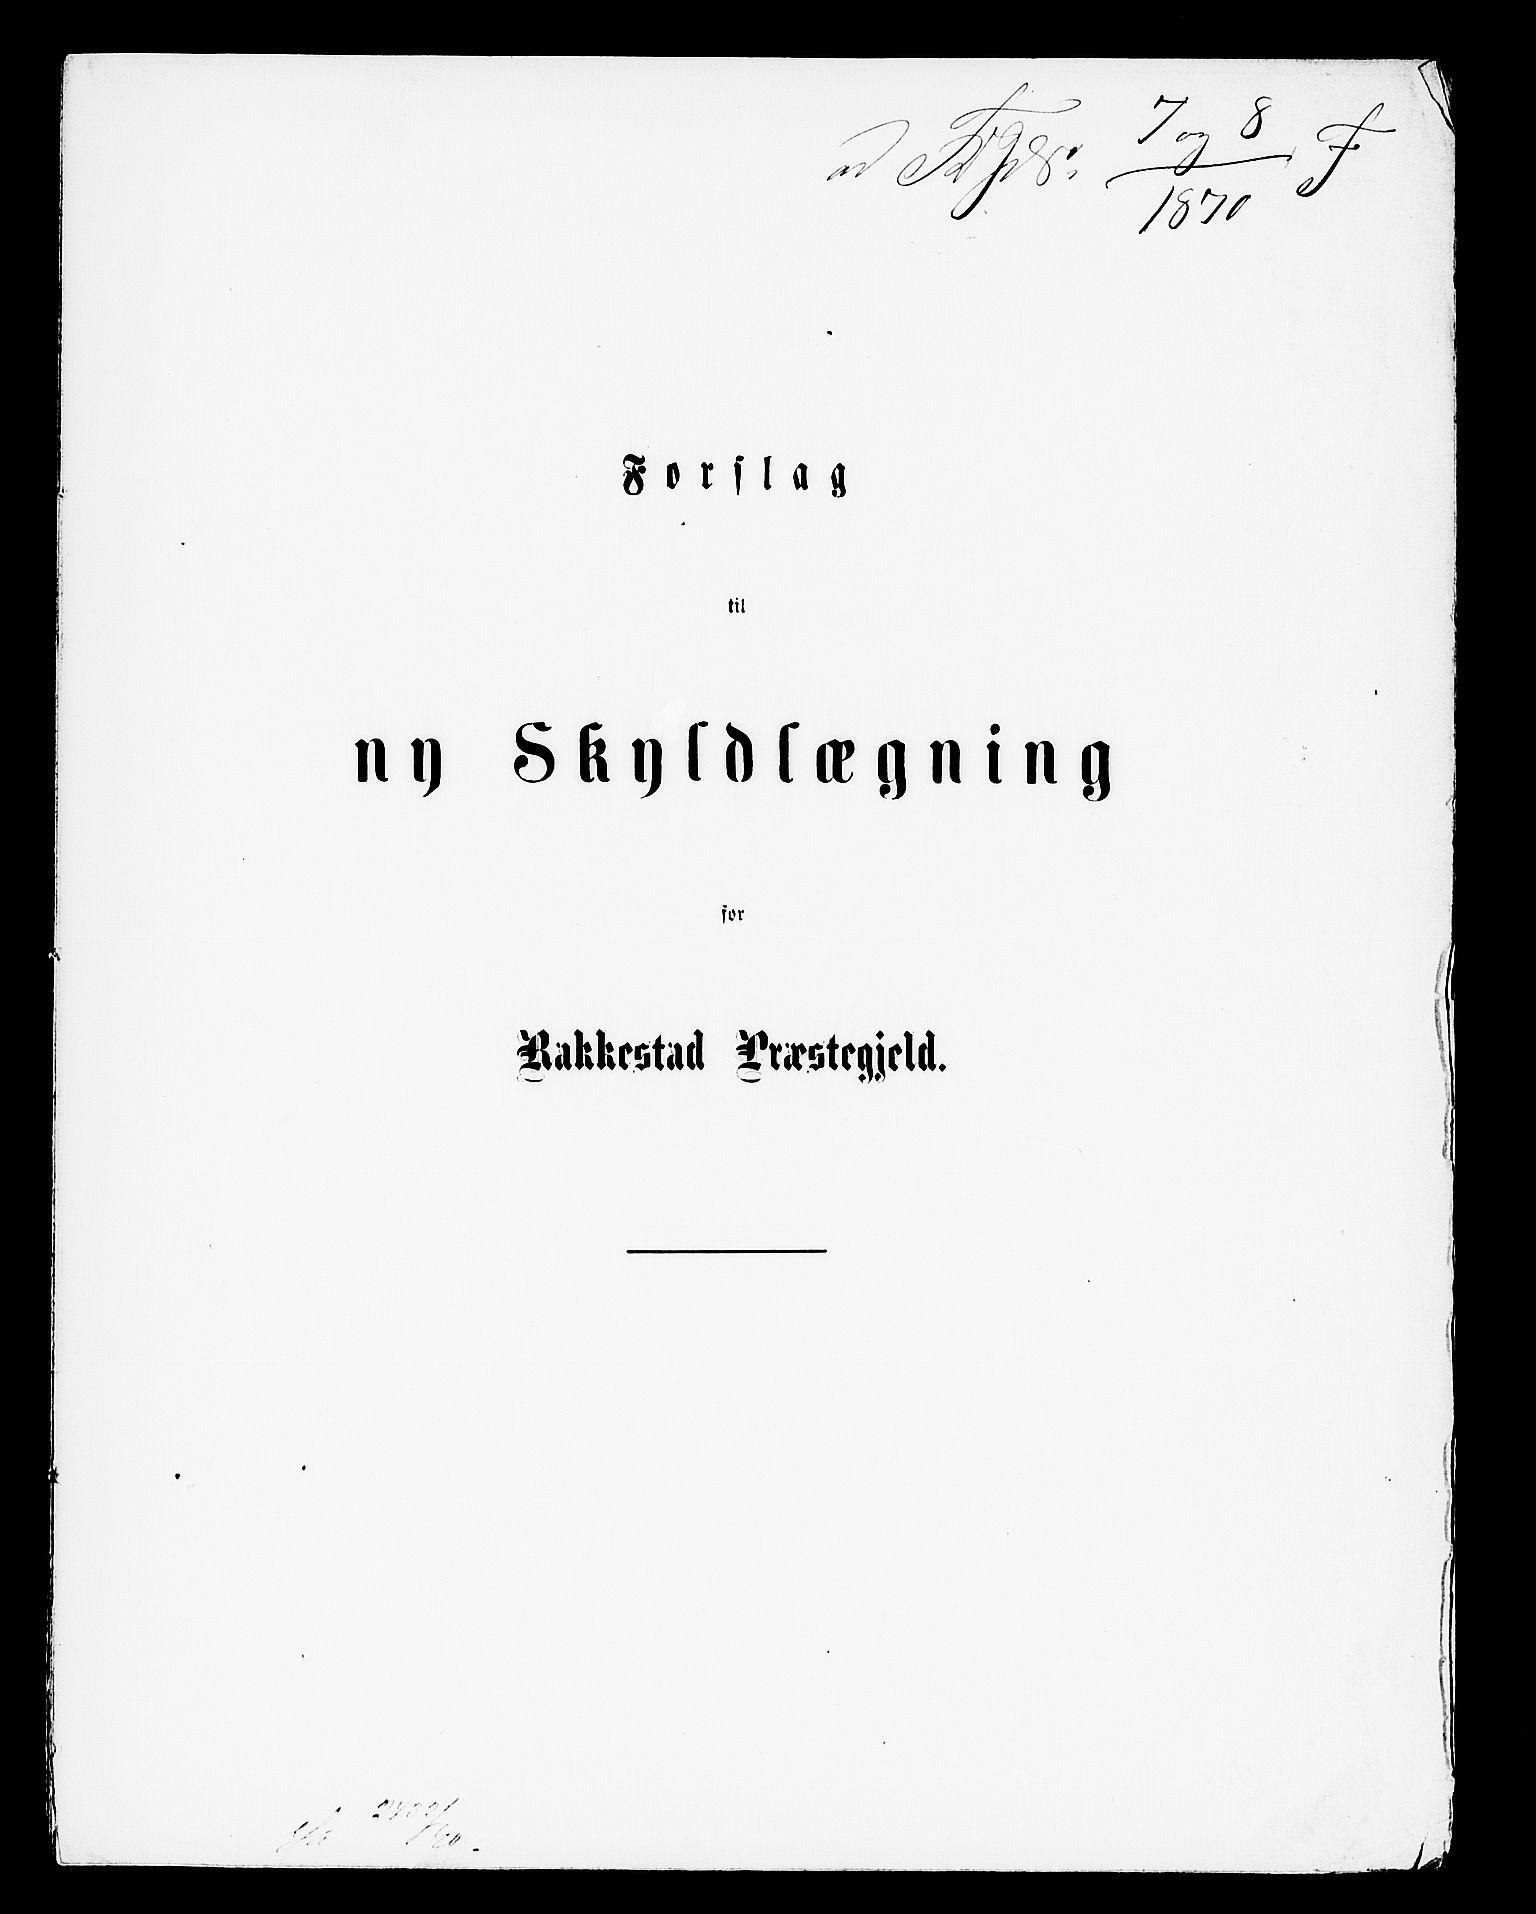 RA, Matrikkelrevisjonen av 1863, F/Fe/L0005: Rakkestad, 1863